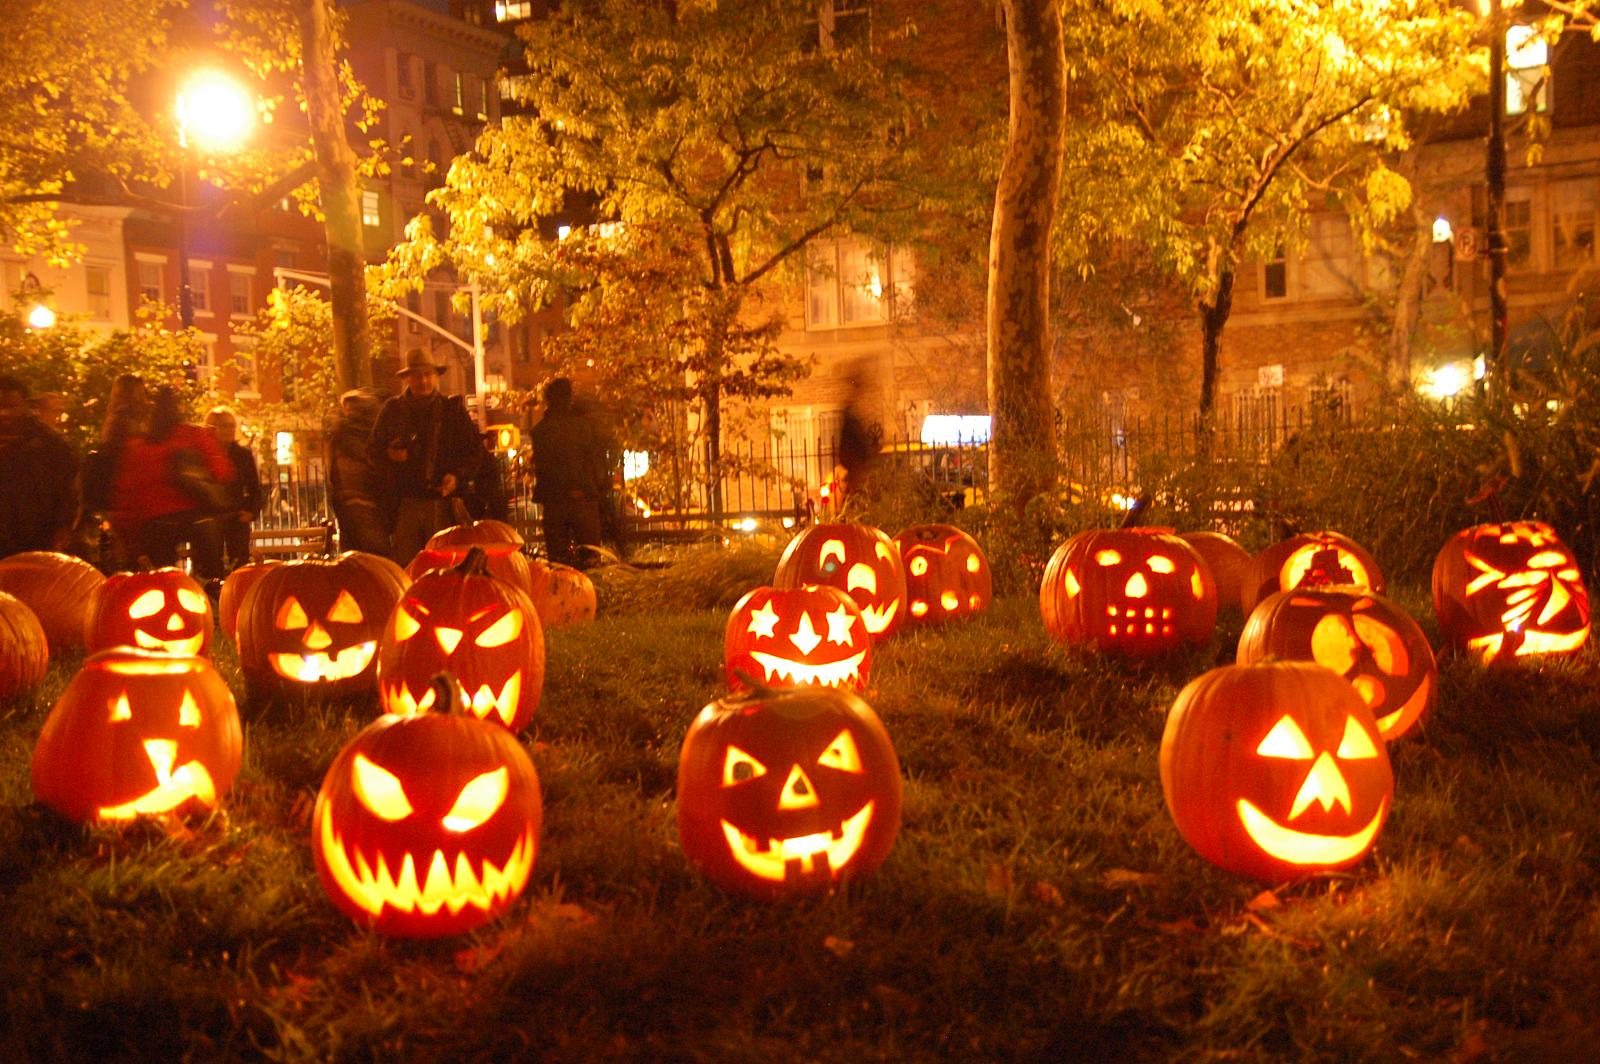 Хеллоуин - время разгула нечисти